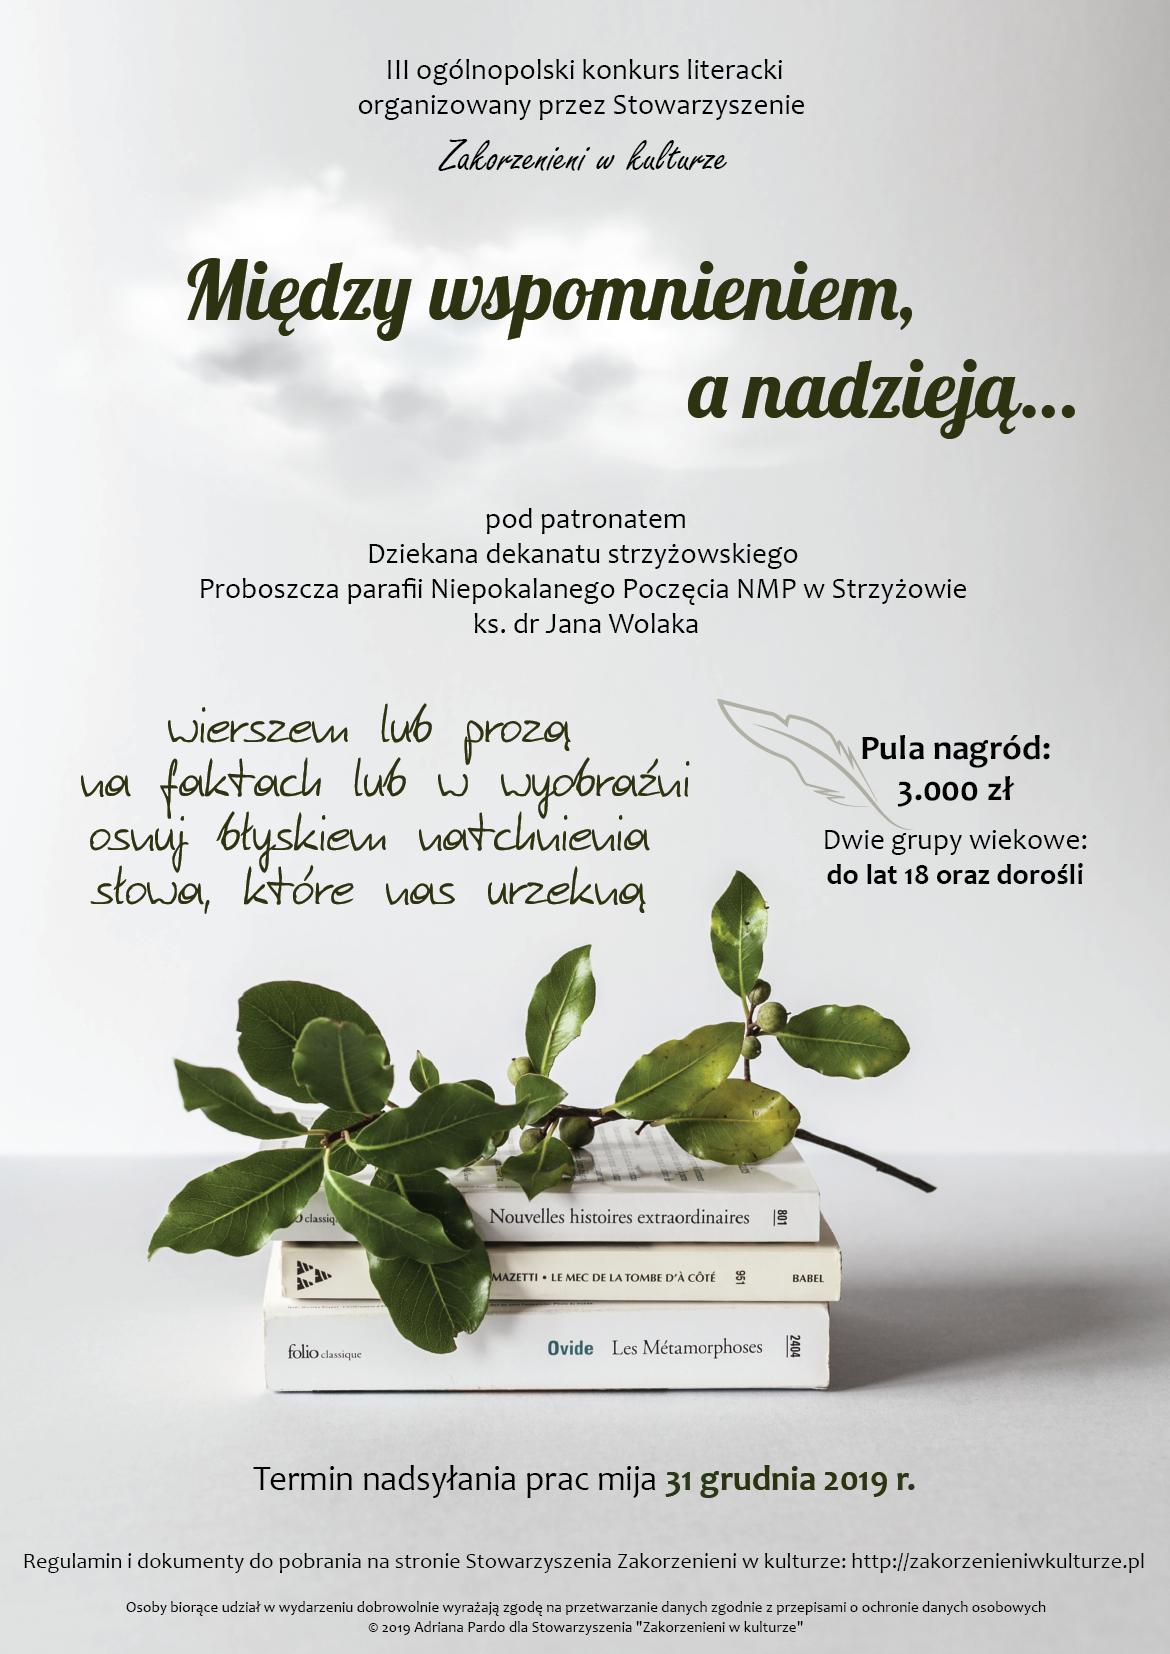 """III ogólnopolski konkurs literacki - """"Między wspomnieniem, a nadzieją.."""""""